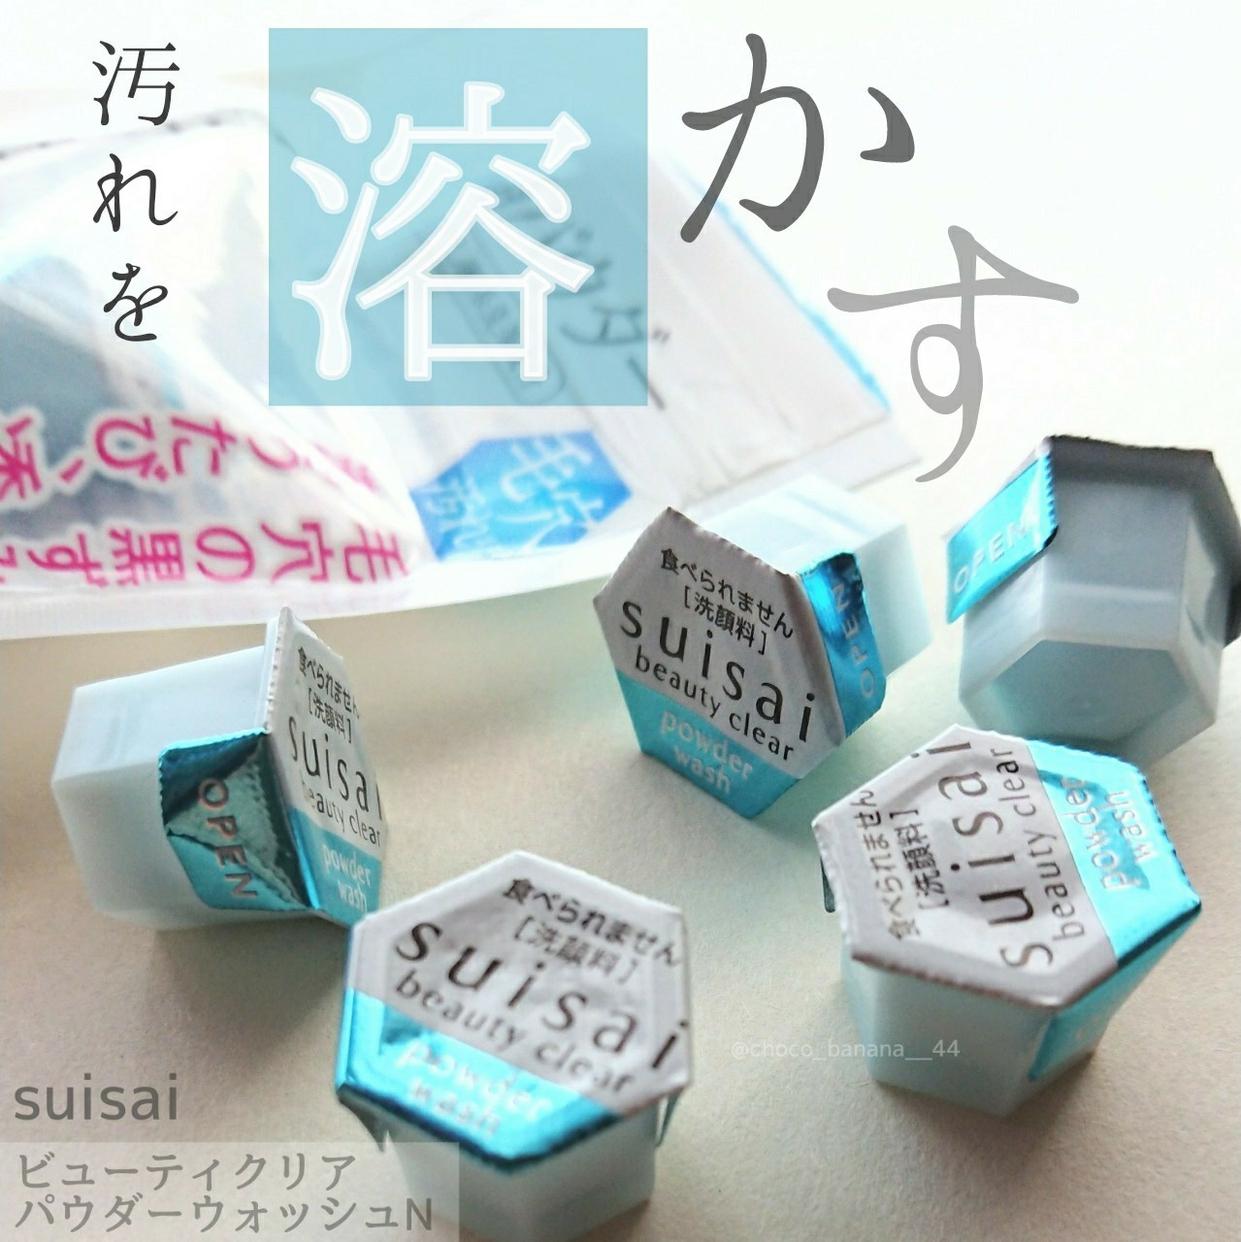 suisai(スイサイ) 洗顔パウダー ビューティクリアパウダーウォッシュを使ったししさんのクチコミ画像1